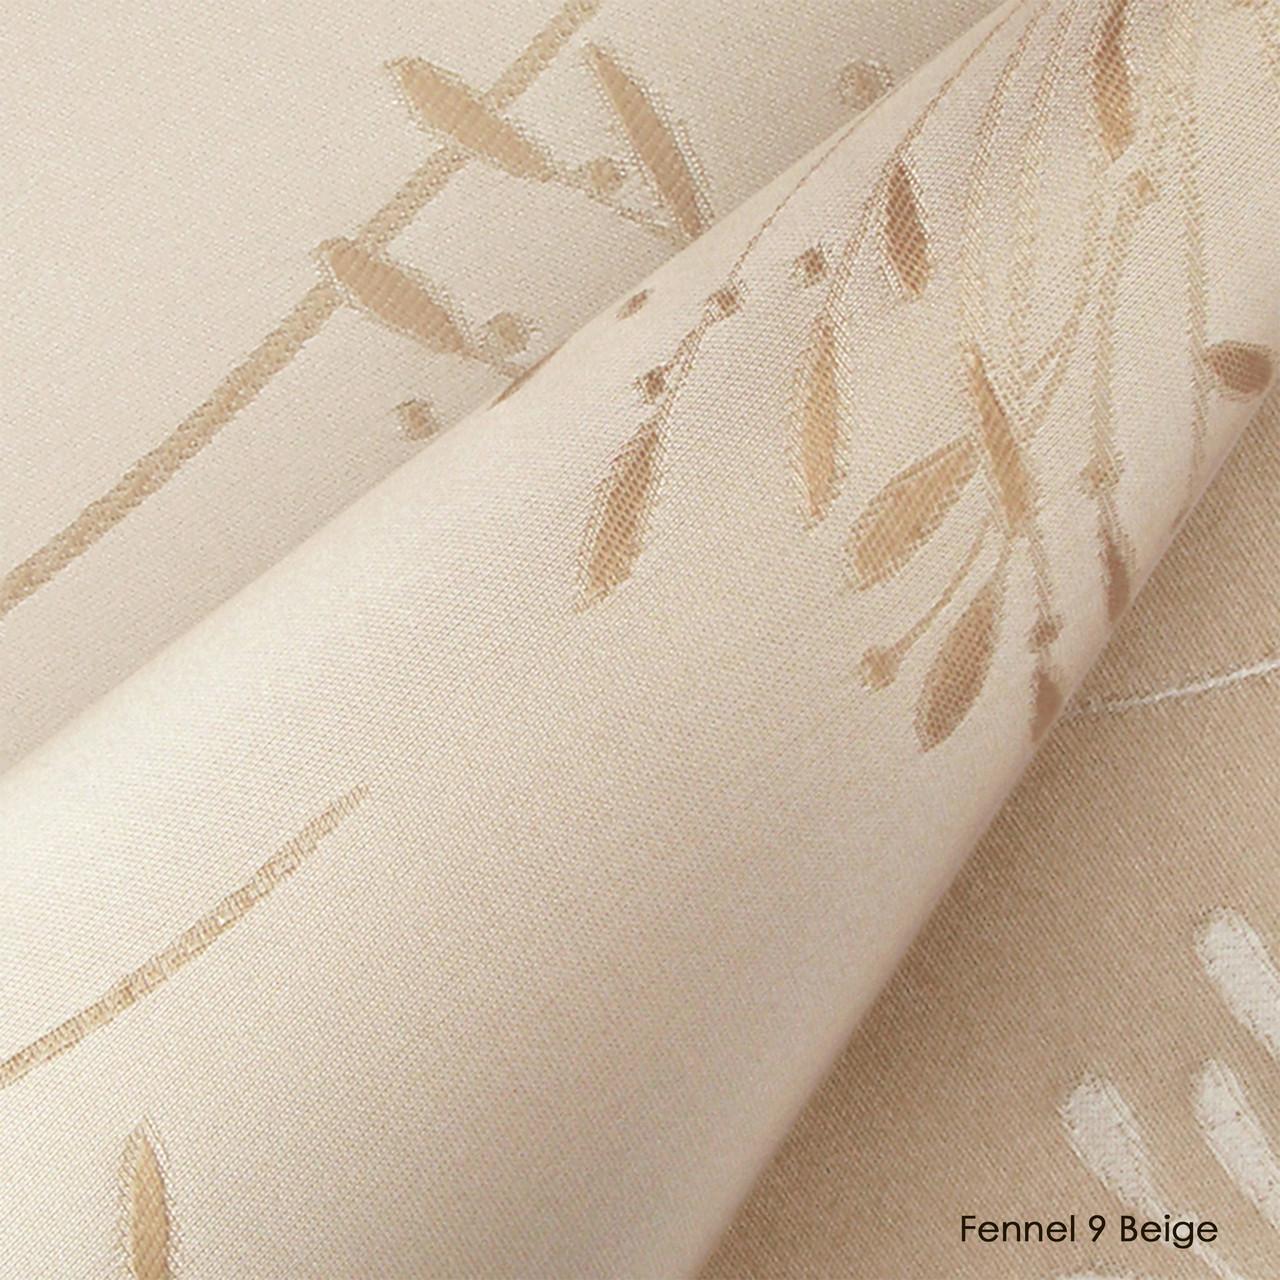 Ролети тканинні Fennel 9 Beige